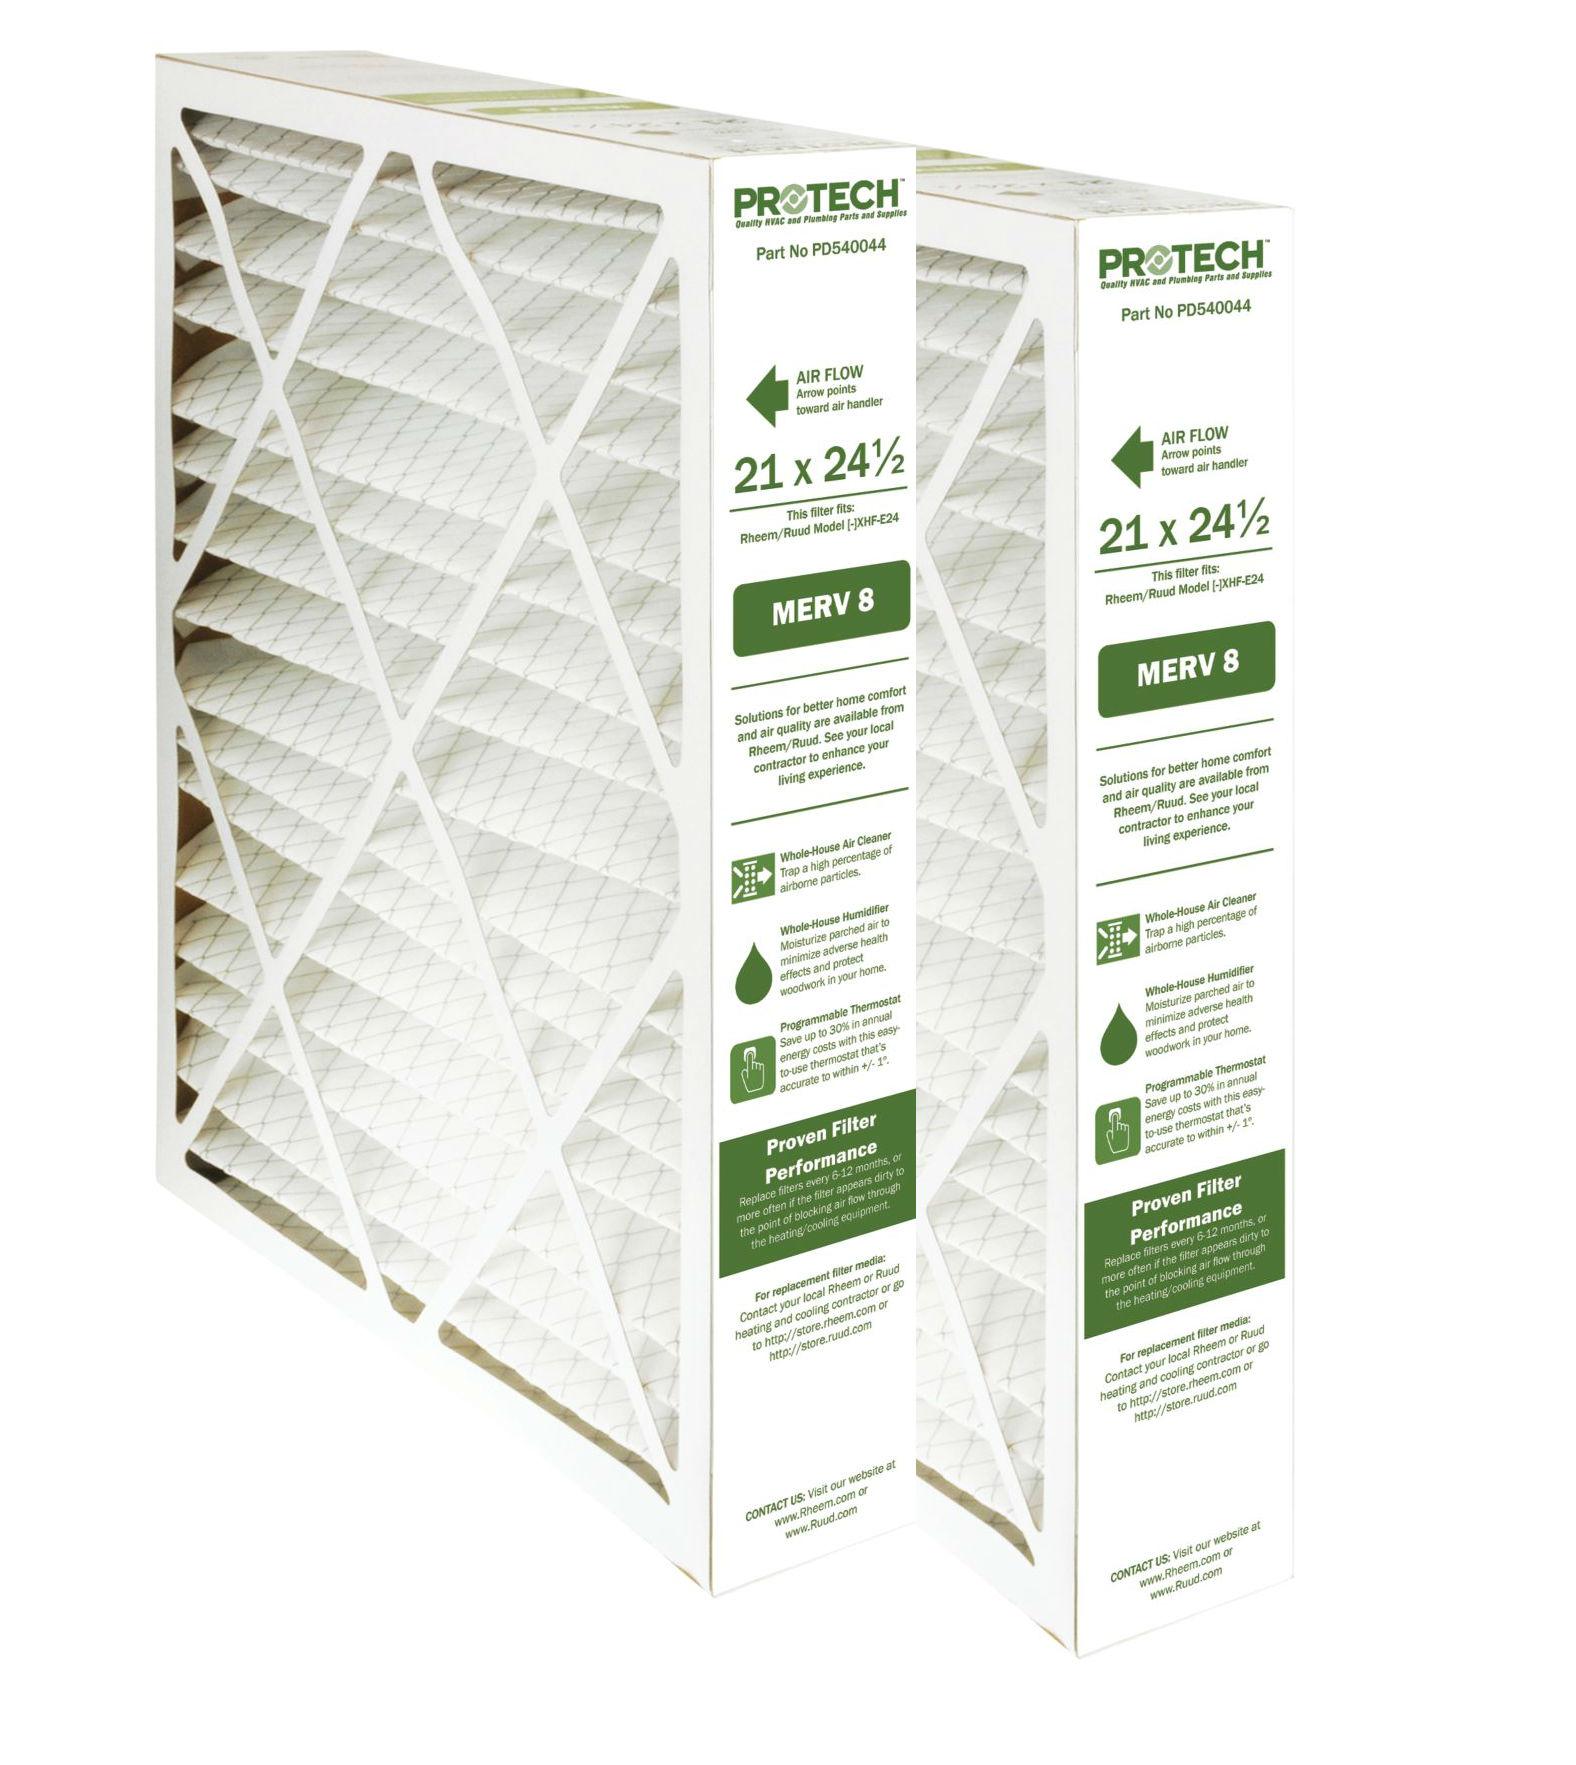 Protech MERV 8 Rheem-Ruud Replacement Filter 540044 2 Pk